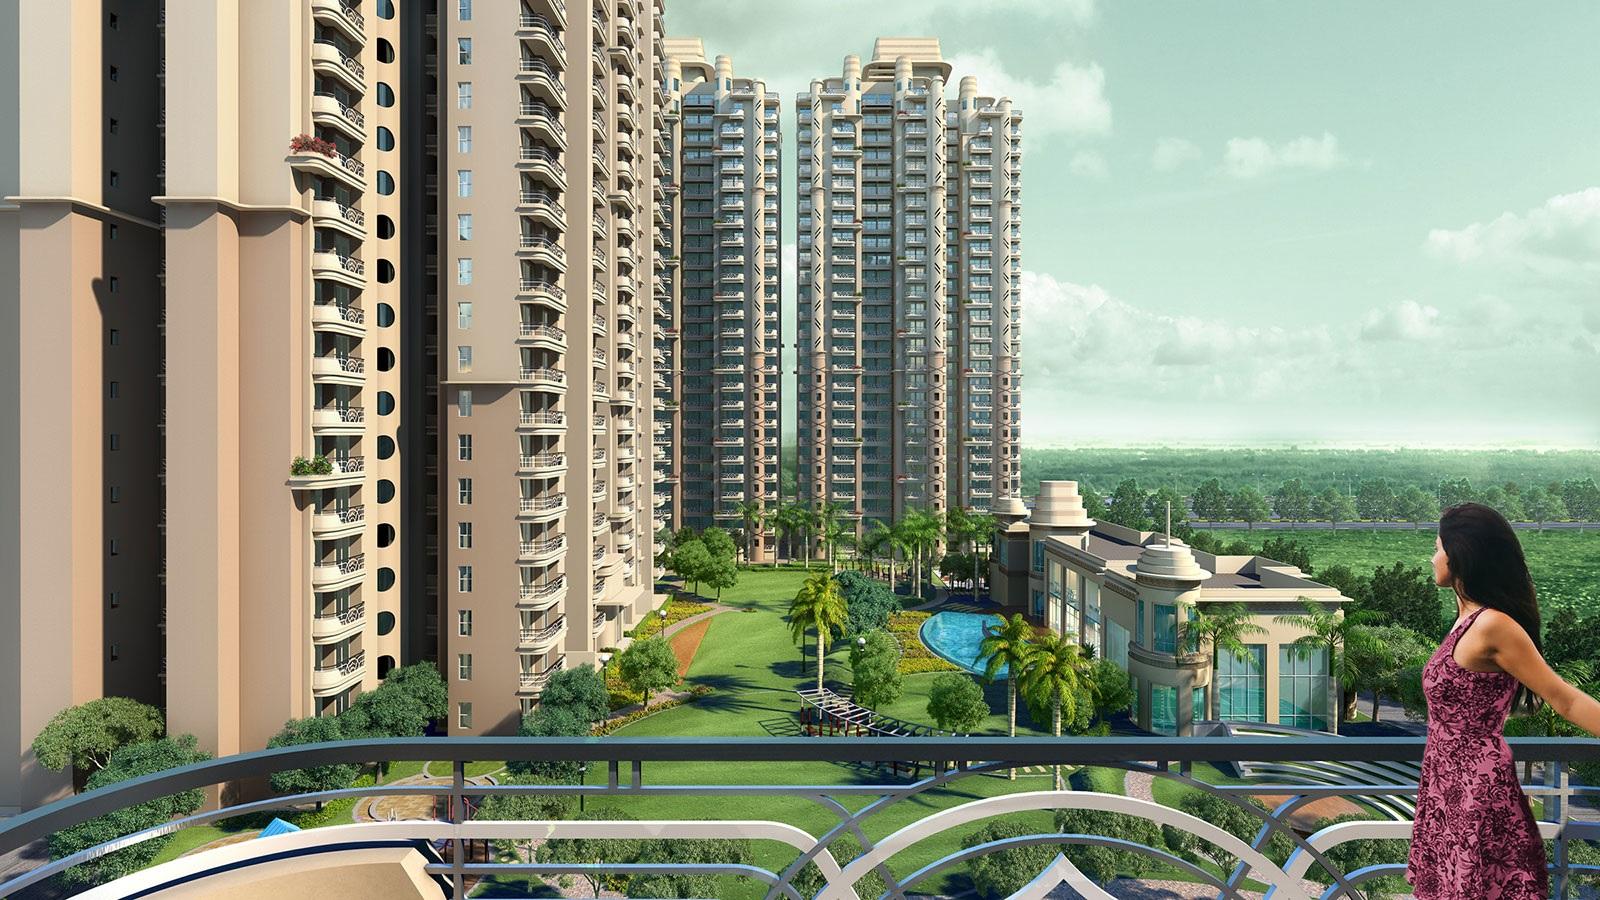 crc sublimis amenities features9